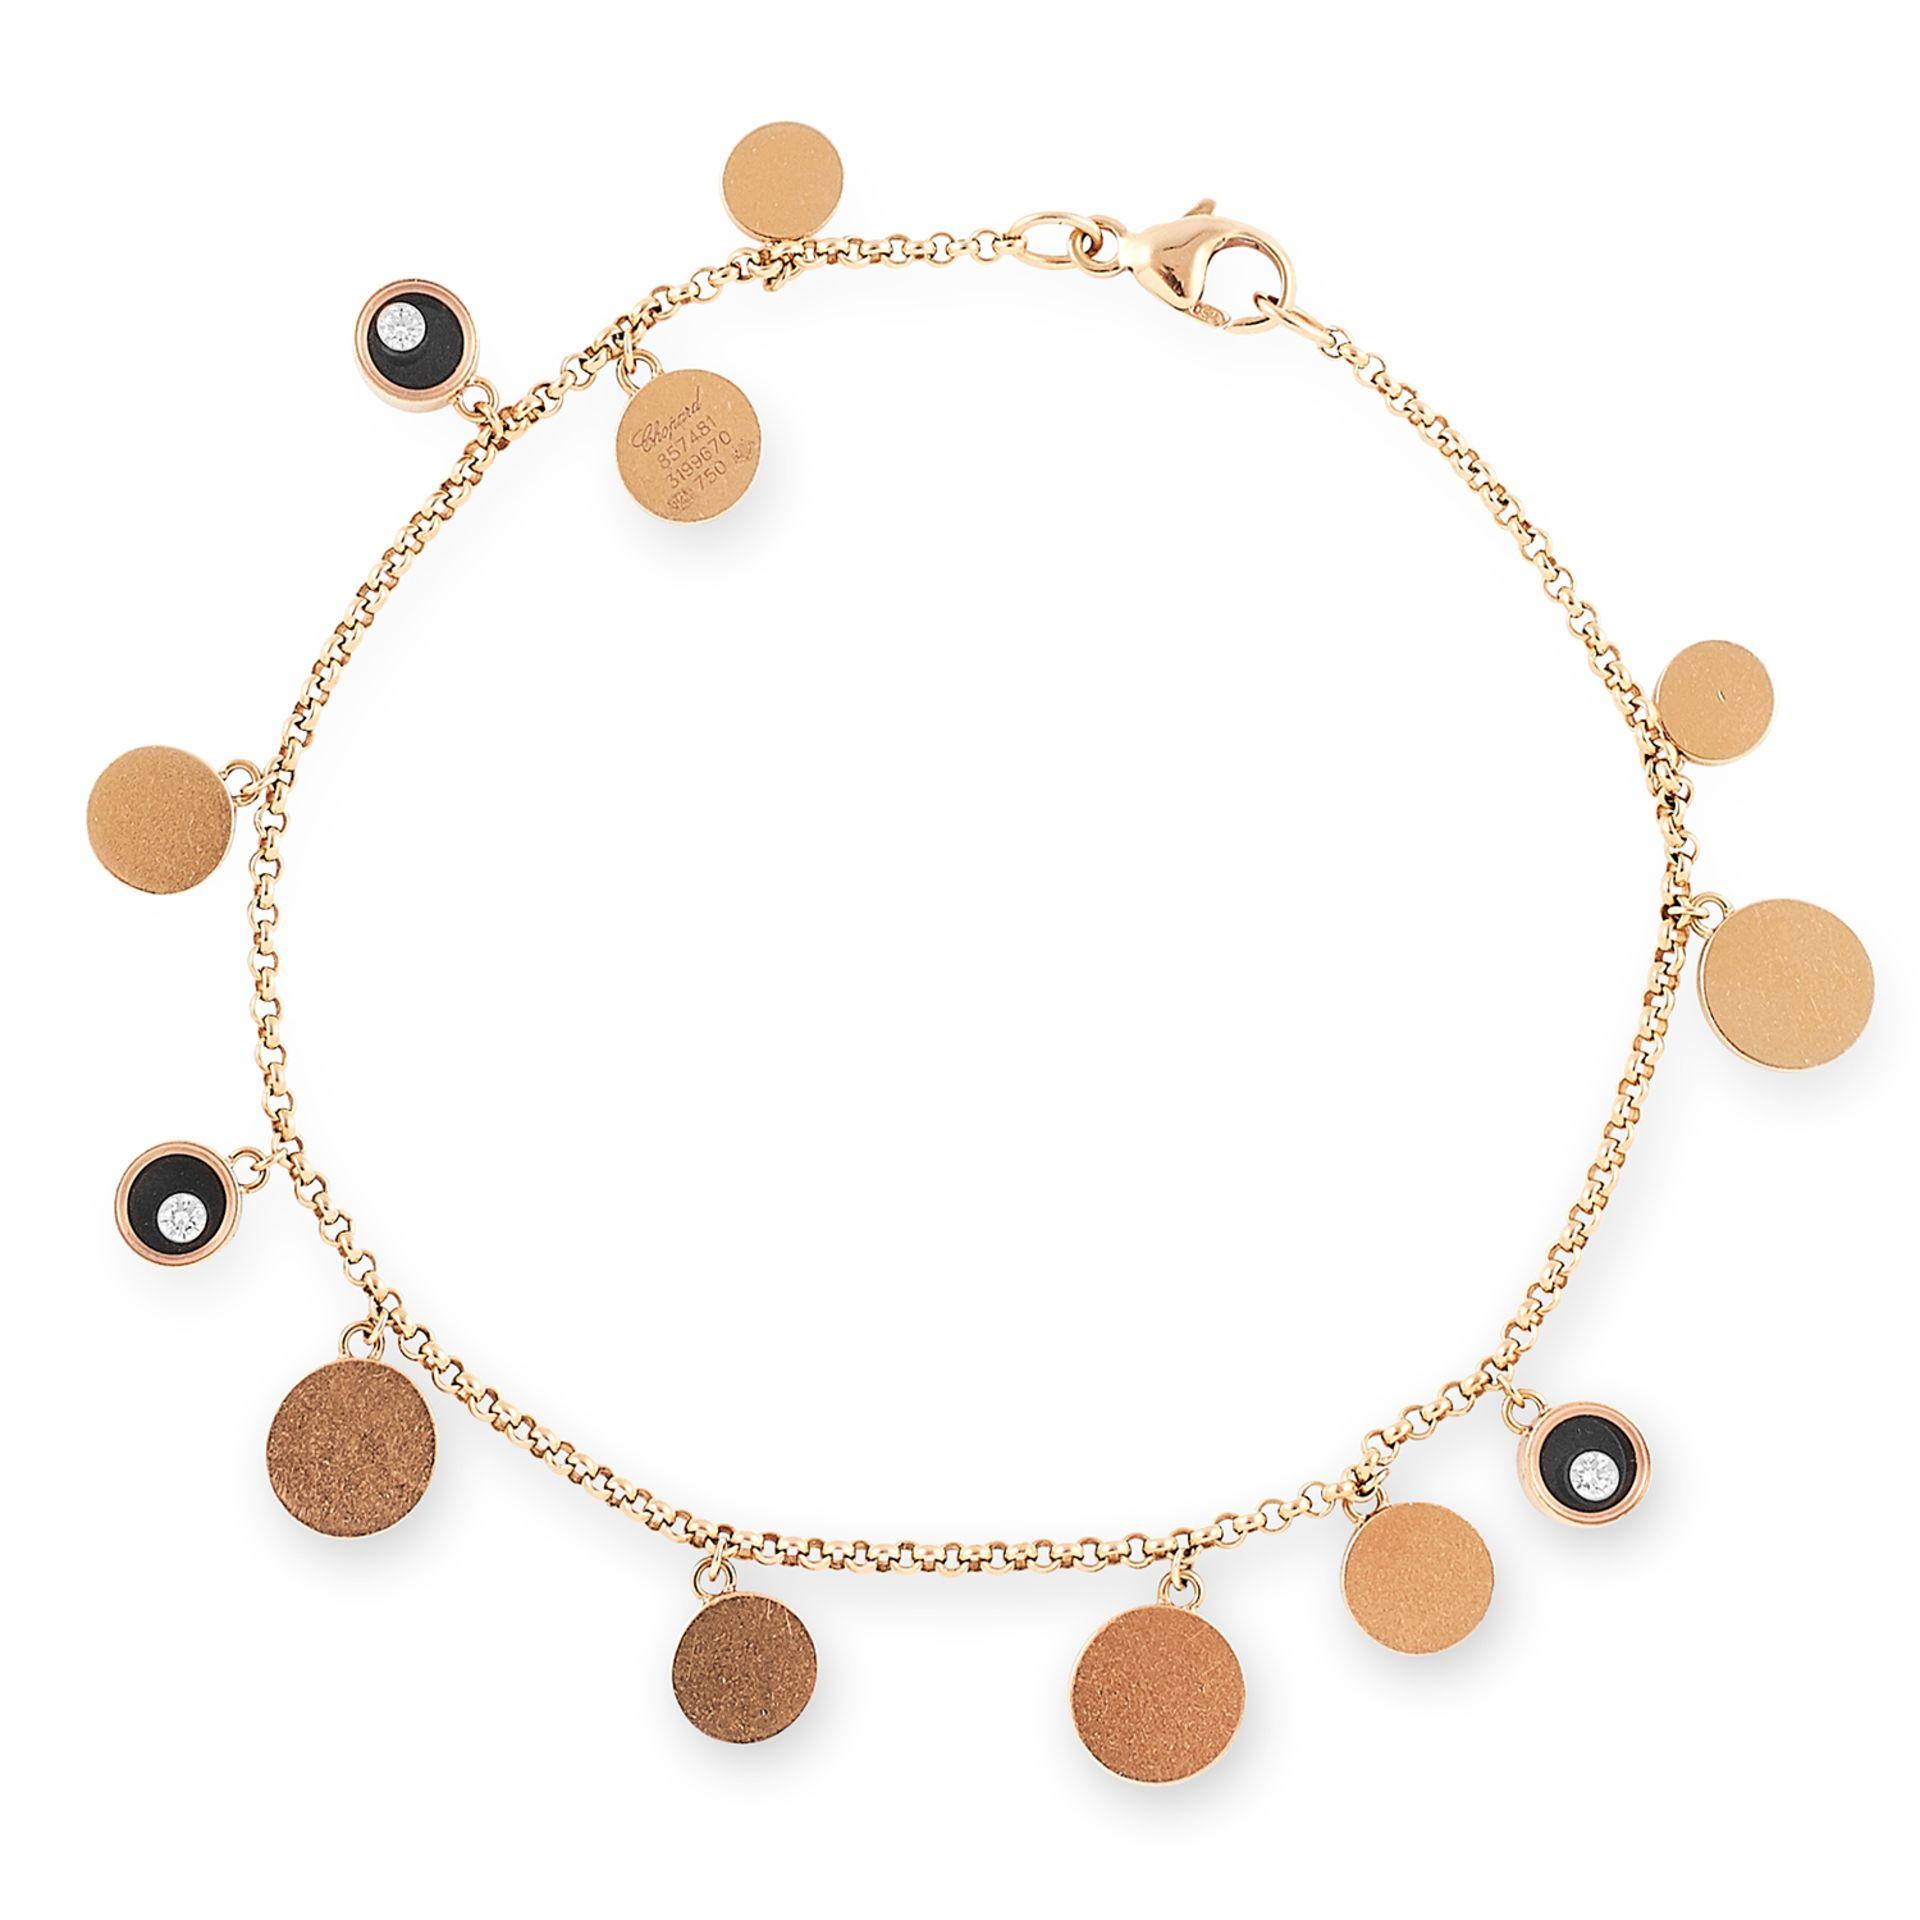 HAPPY DIAMONDS BRACELET, CHOPARD set with onyx and round diamond charms, 18cm, 7g.